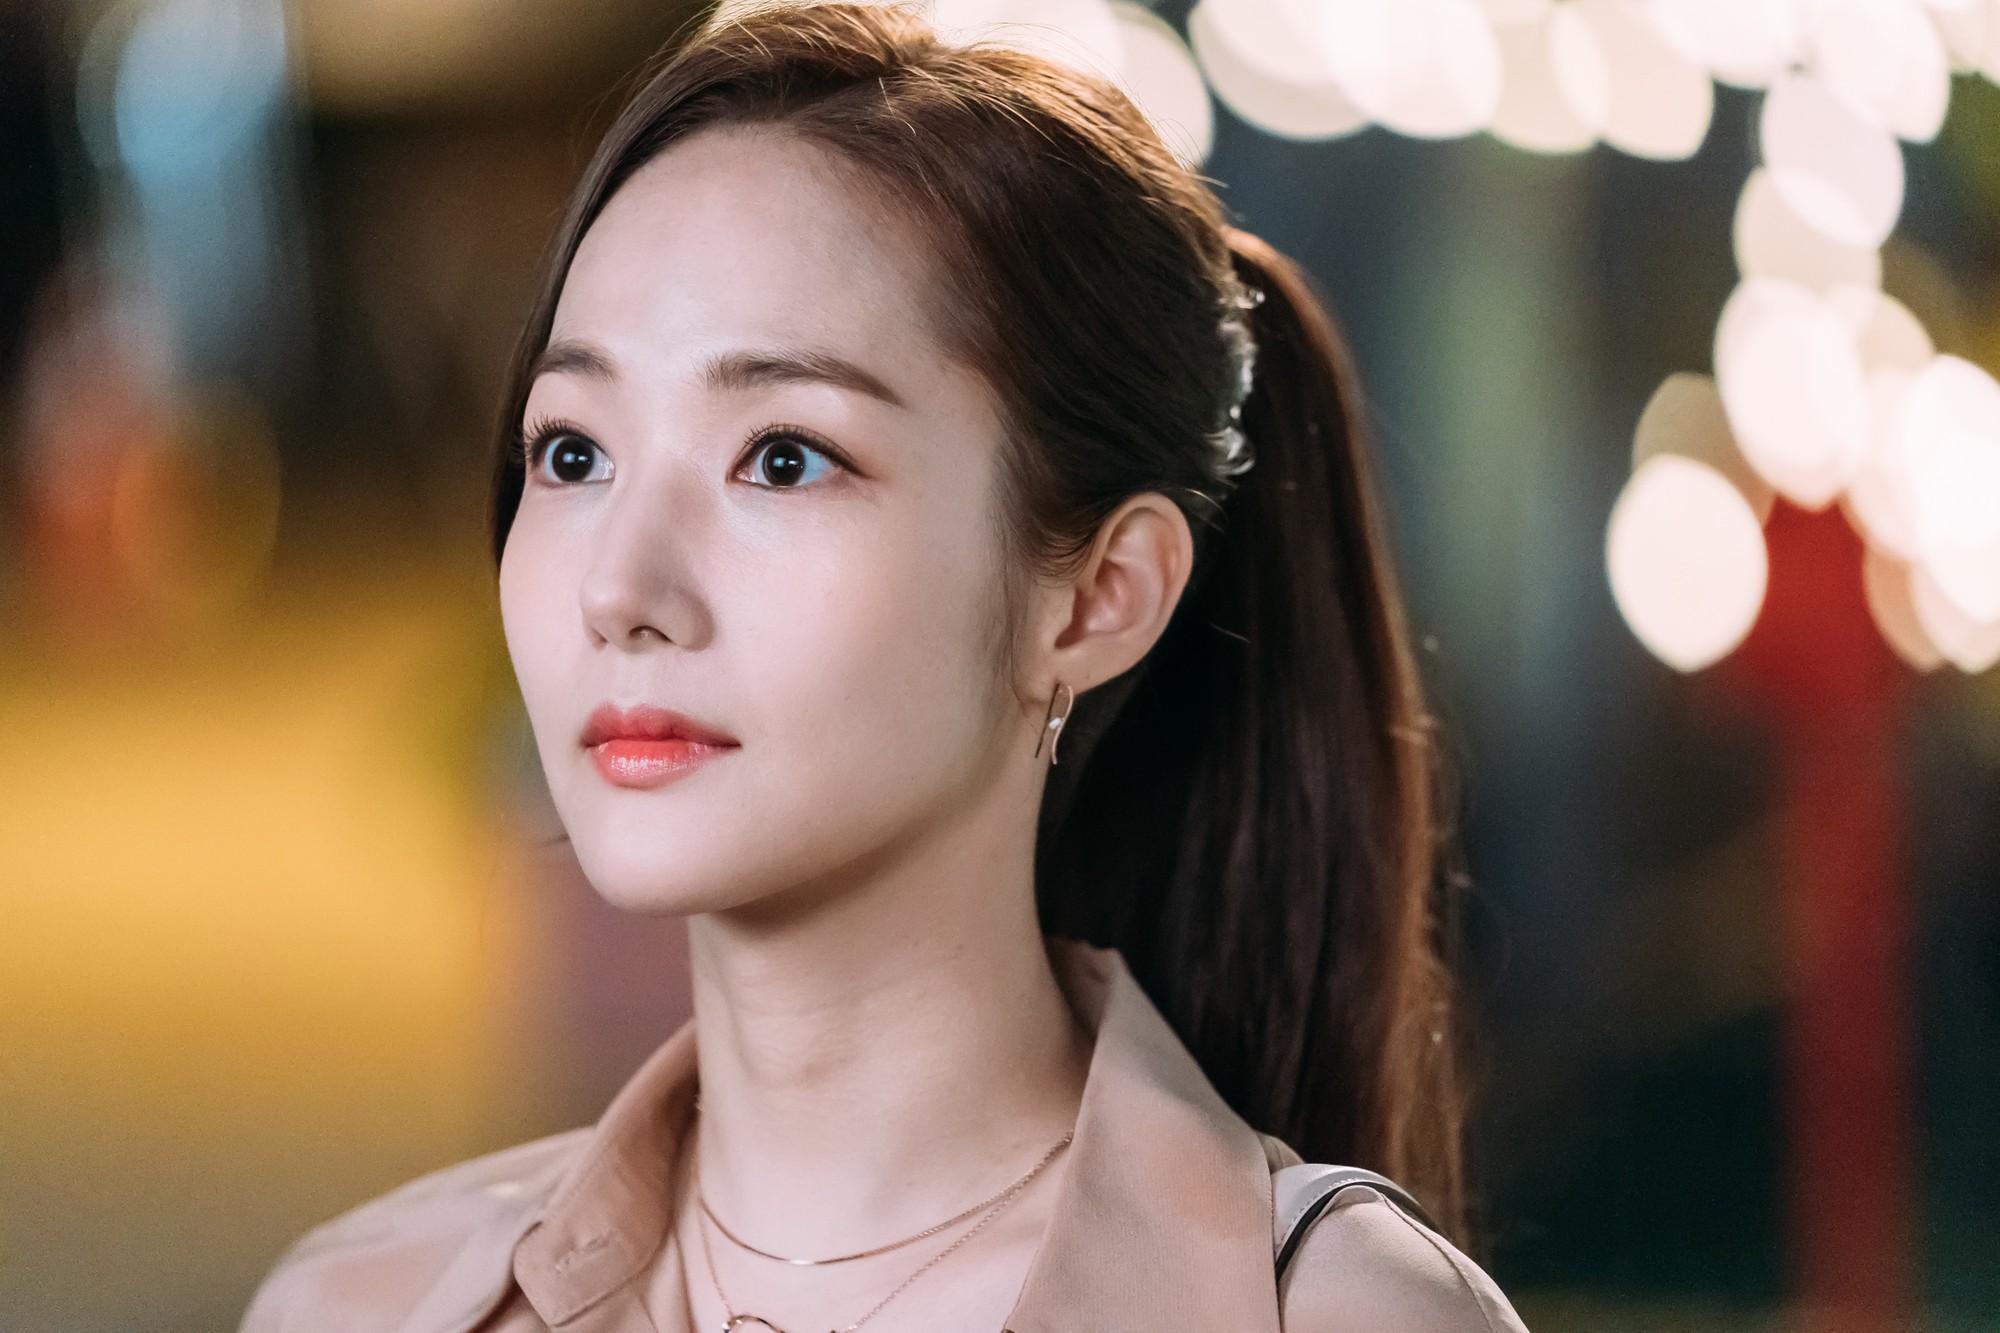 Còn lâu mới chiếu, phim mới của Park Seo Joon - Park Min Young đã gây sốt vì thời trang quá đẹp - Ảnh 17.